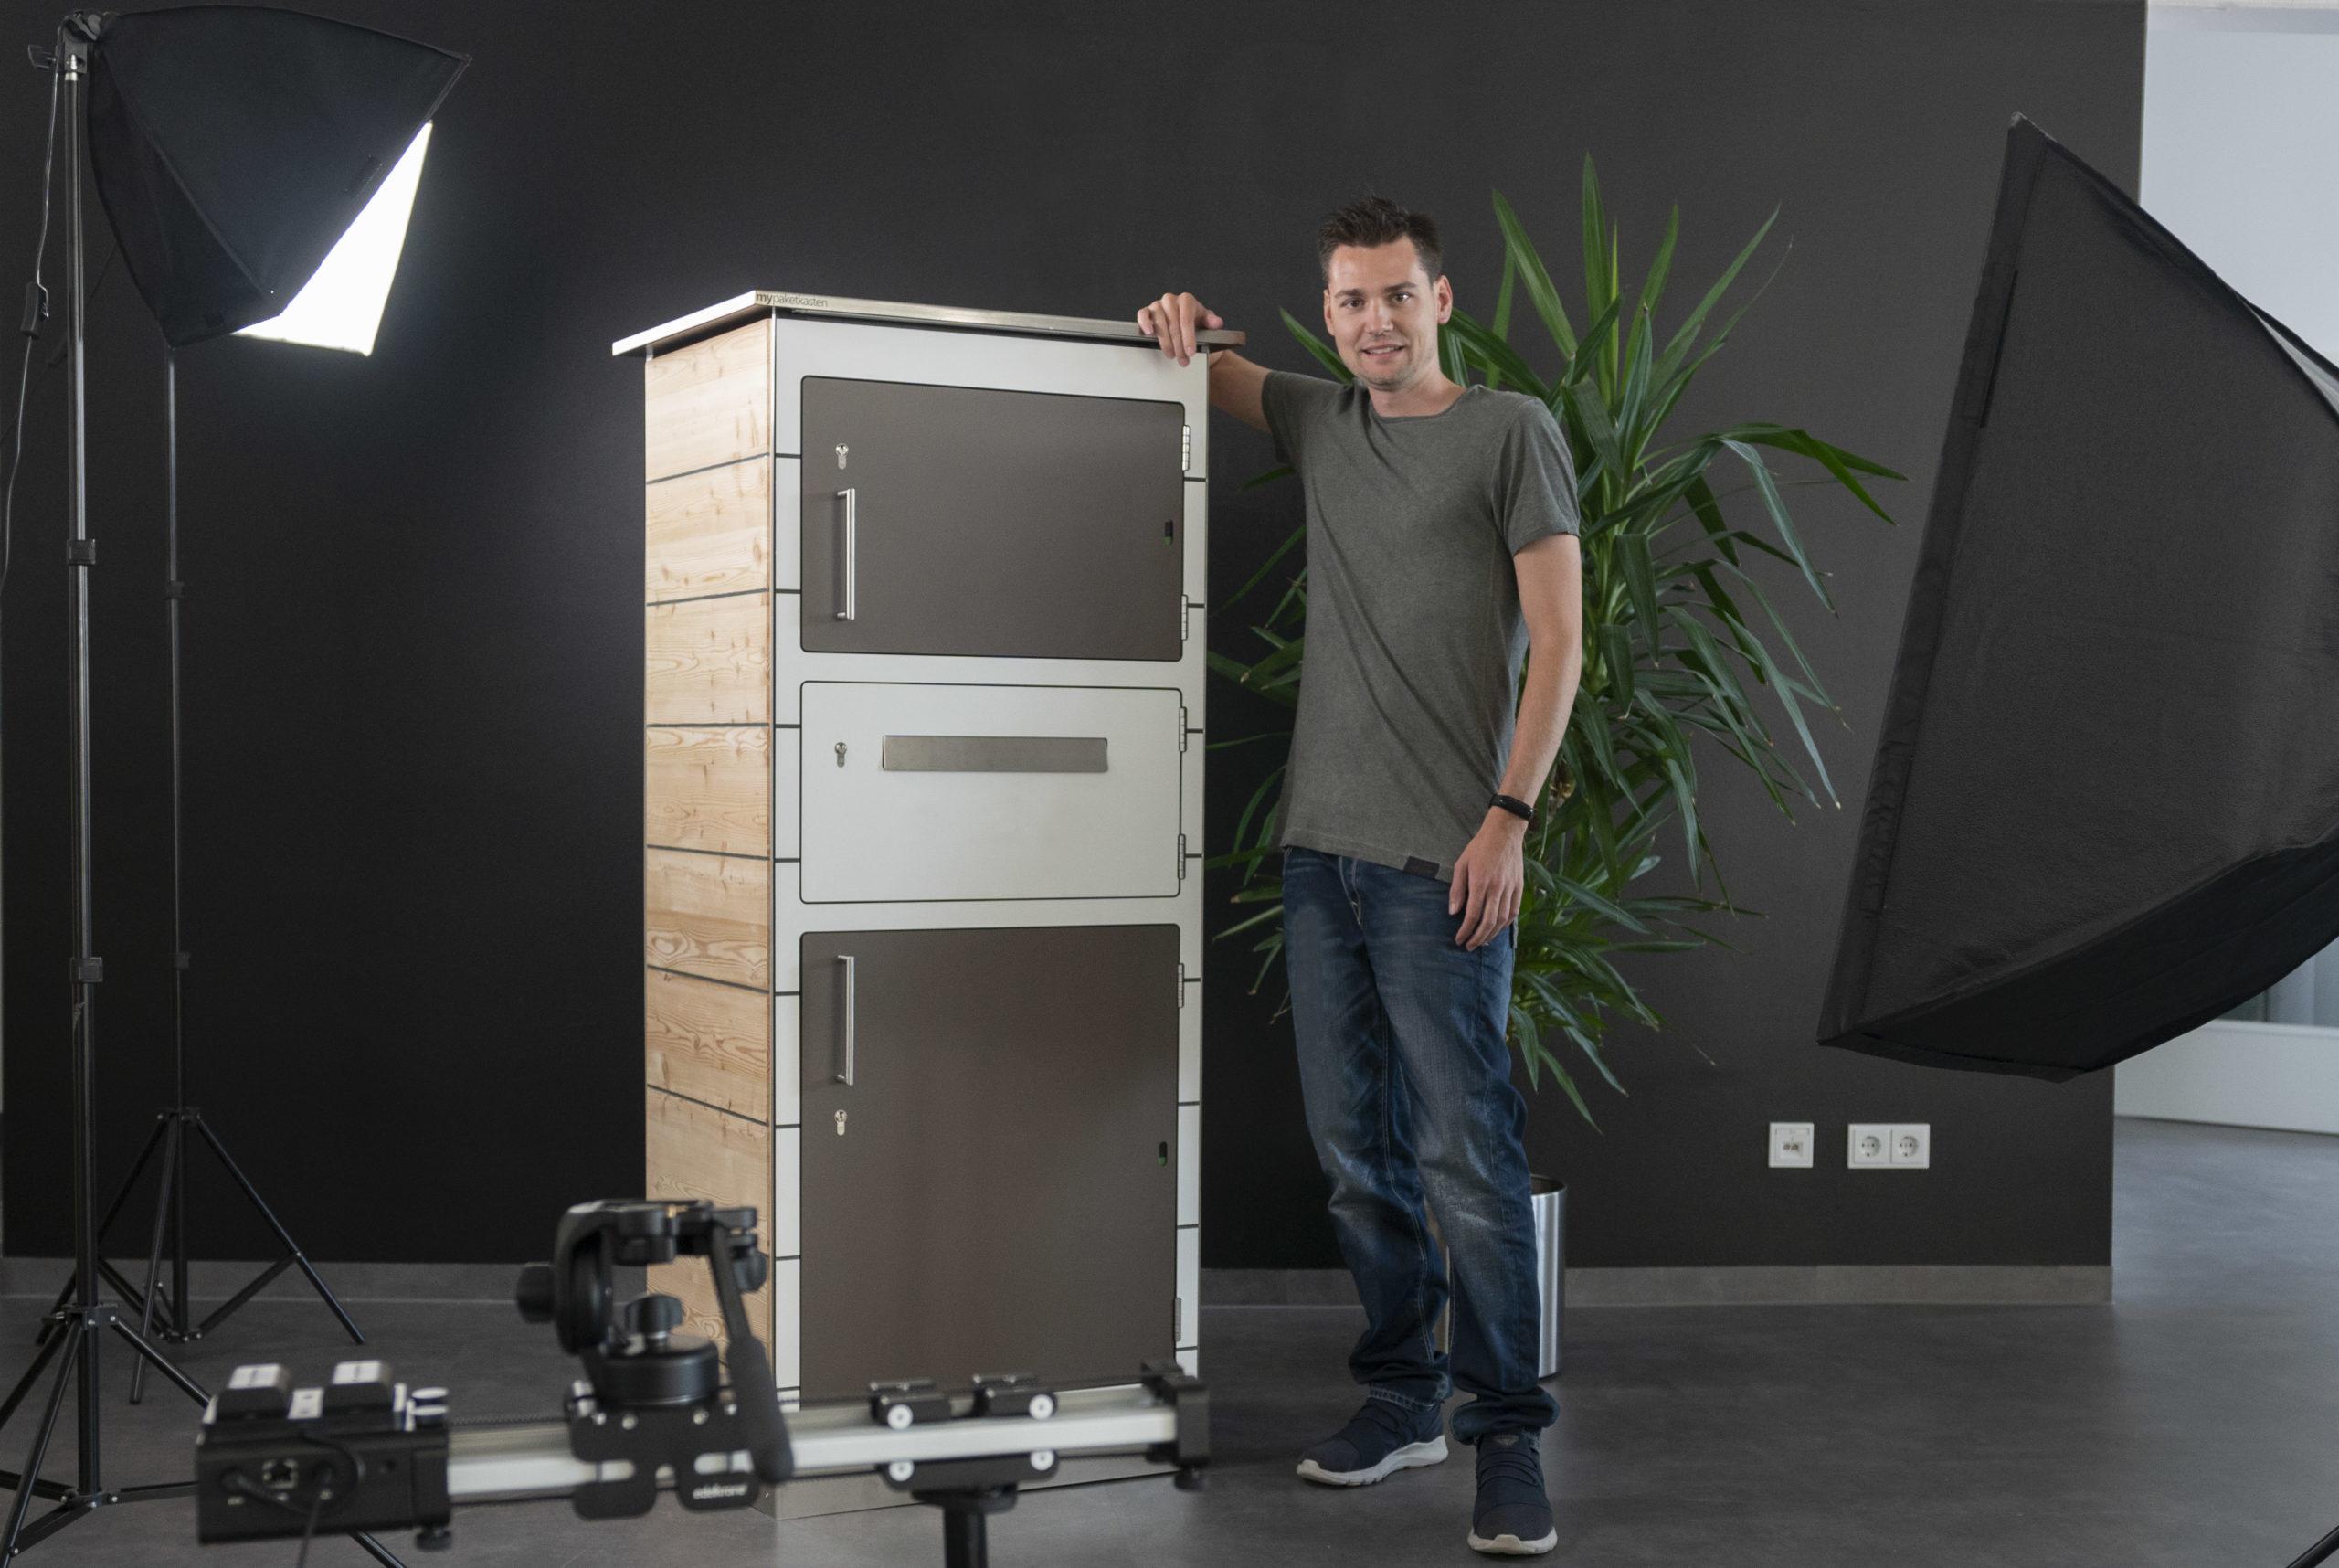 Gründer und CEO Michale Haller beim Fotoshooting eines Paketkastenmodells